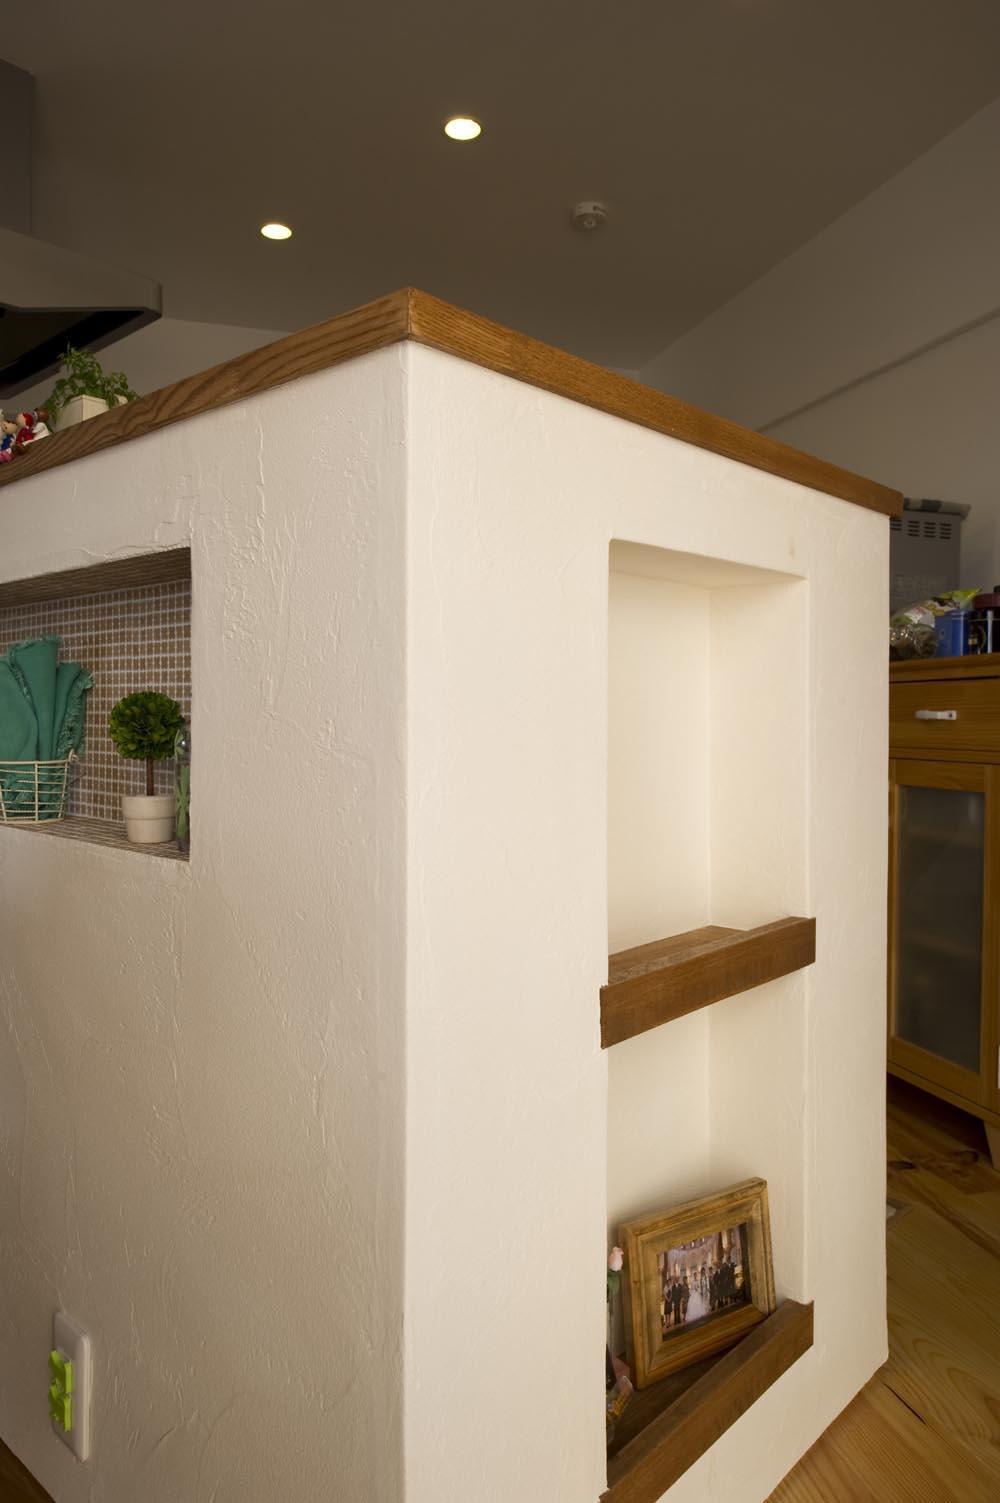 リノベーション・リフォーム会社:スタイル工房「I邸・斜めに配置したキッチンで、動きと変化を」